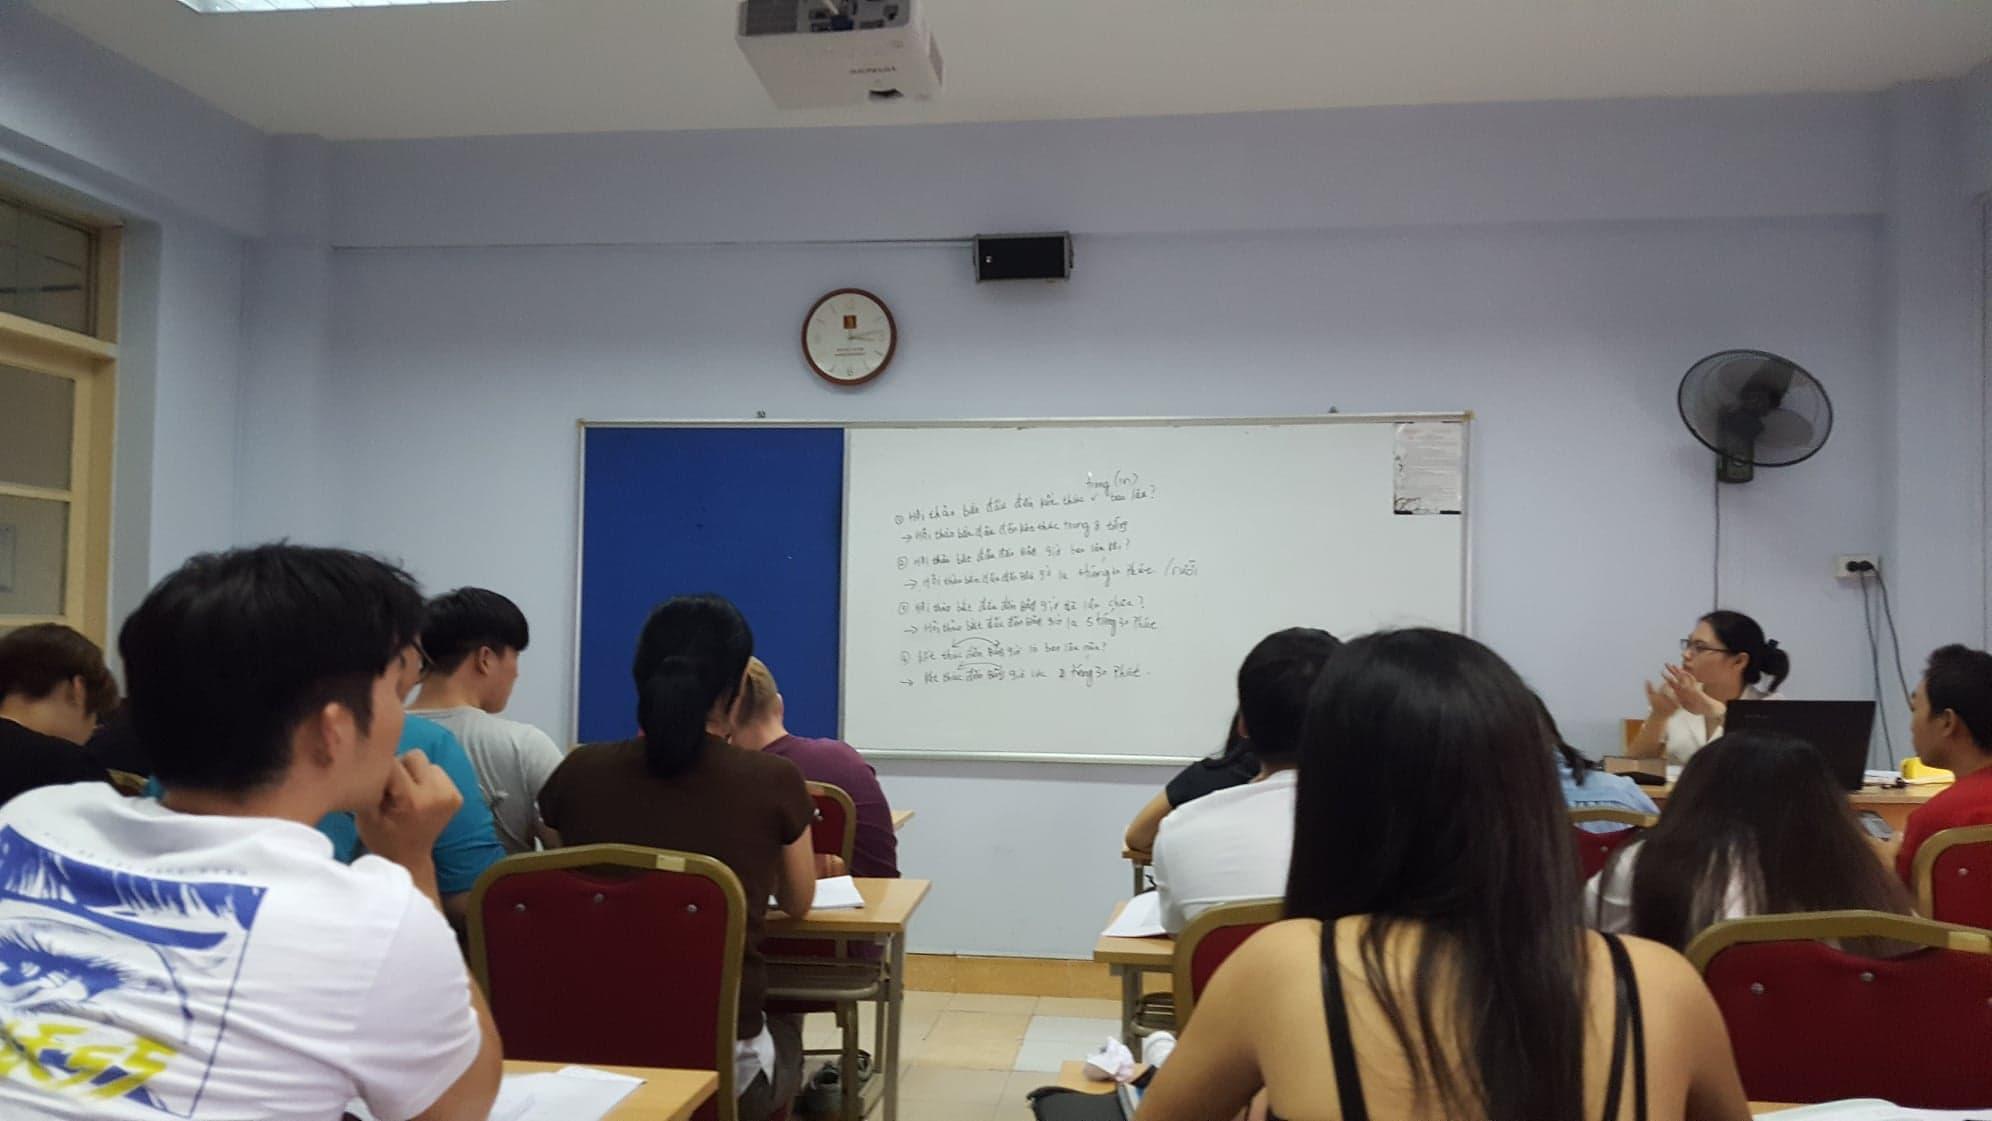 【報告】僕はハノイ大学の2年生になったけどベトナム語は上達したの?